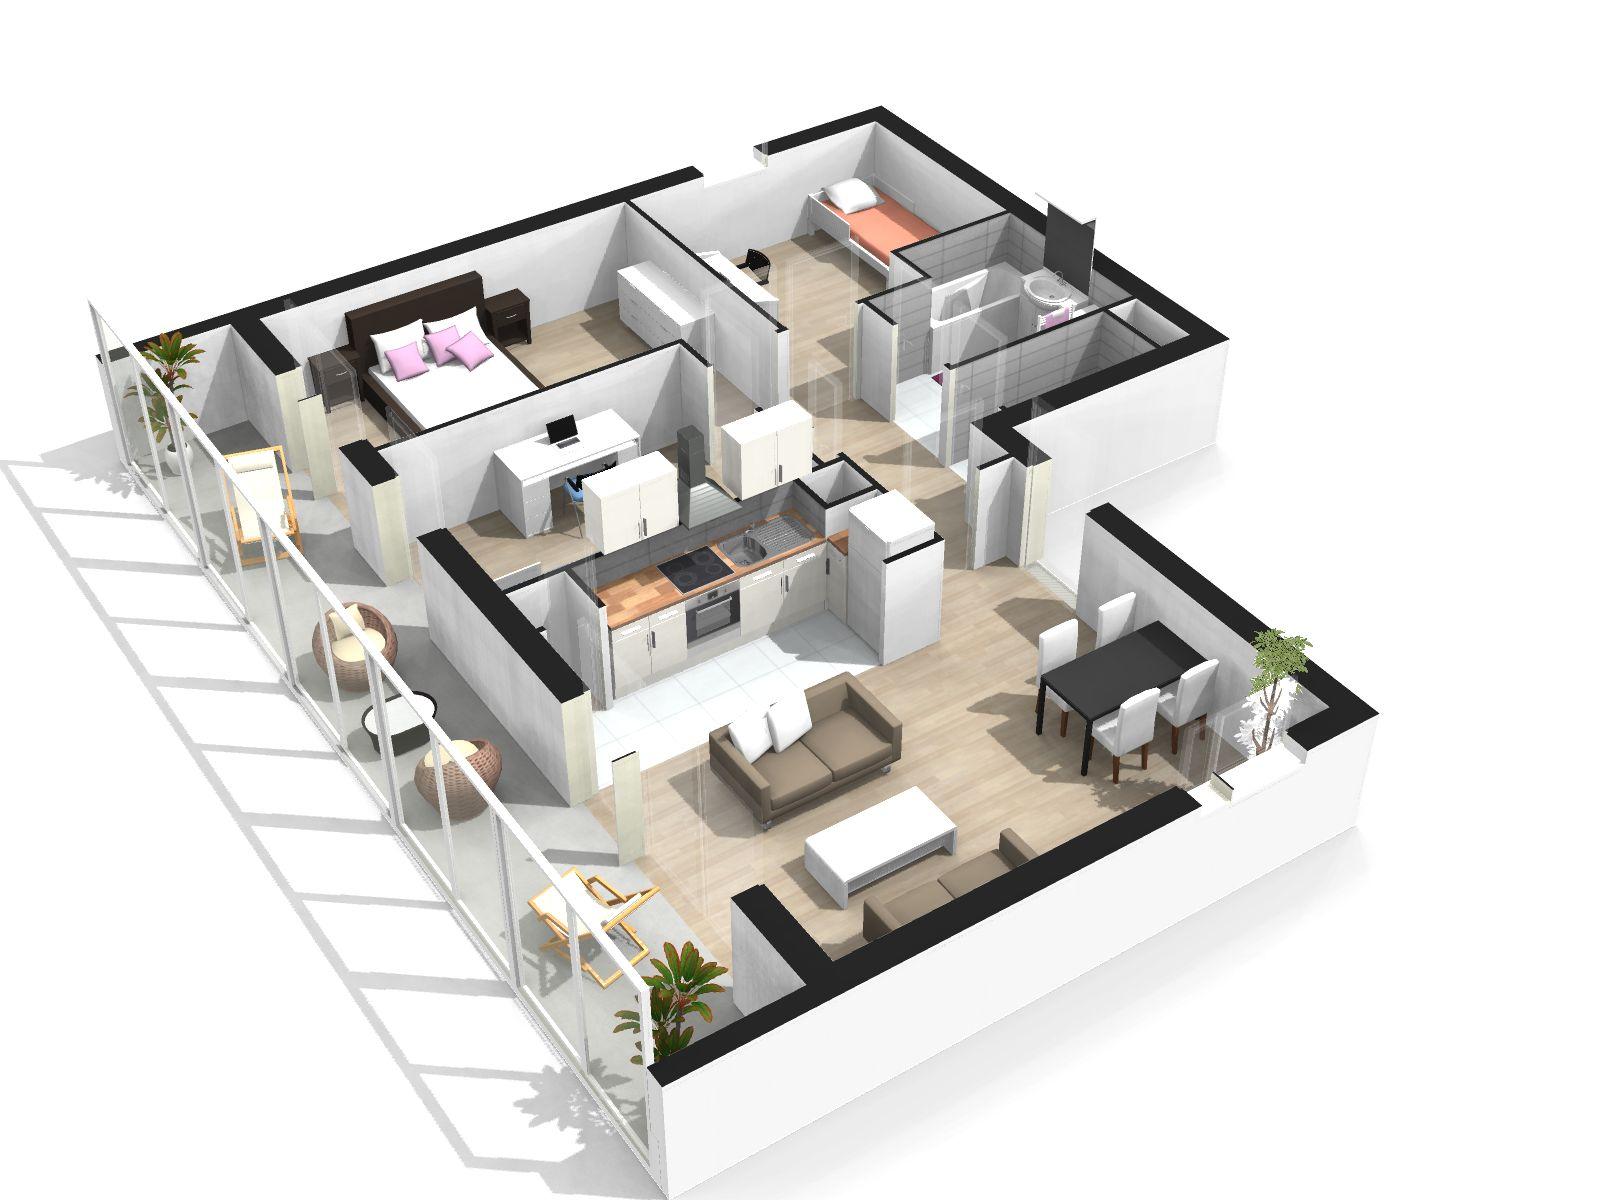 Crer maison 3d gratuit latest plan maison d gratuit en for Simulation plan de maison en ligne gratuit